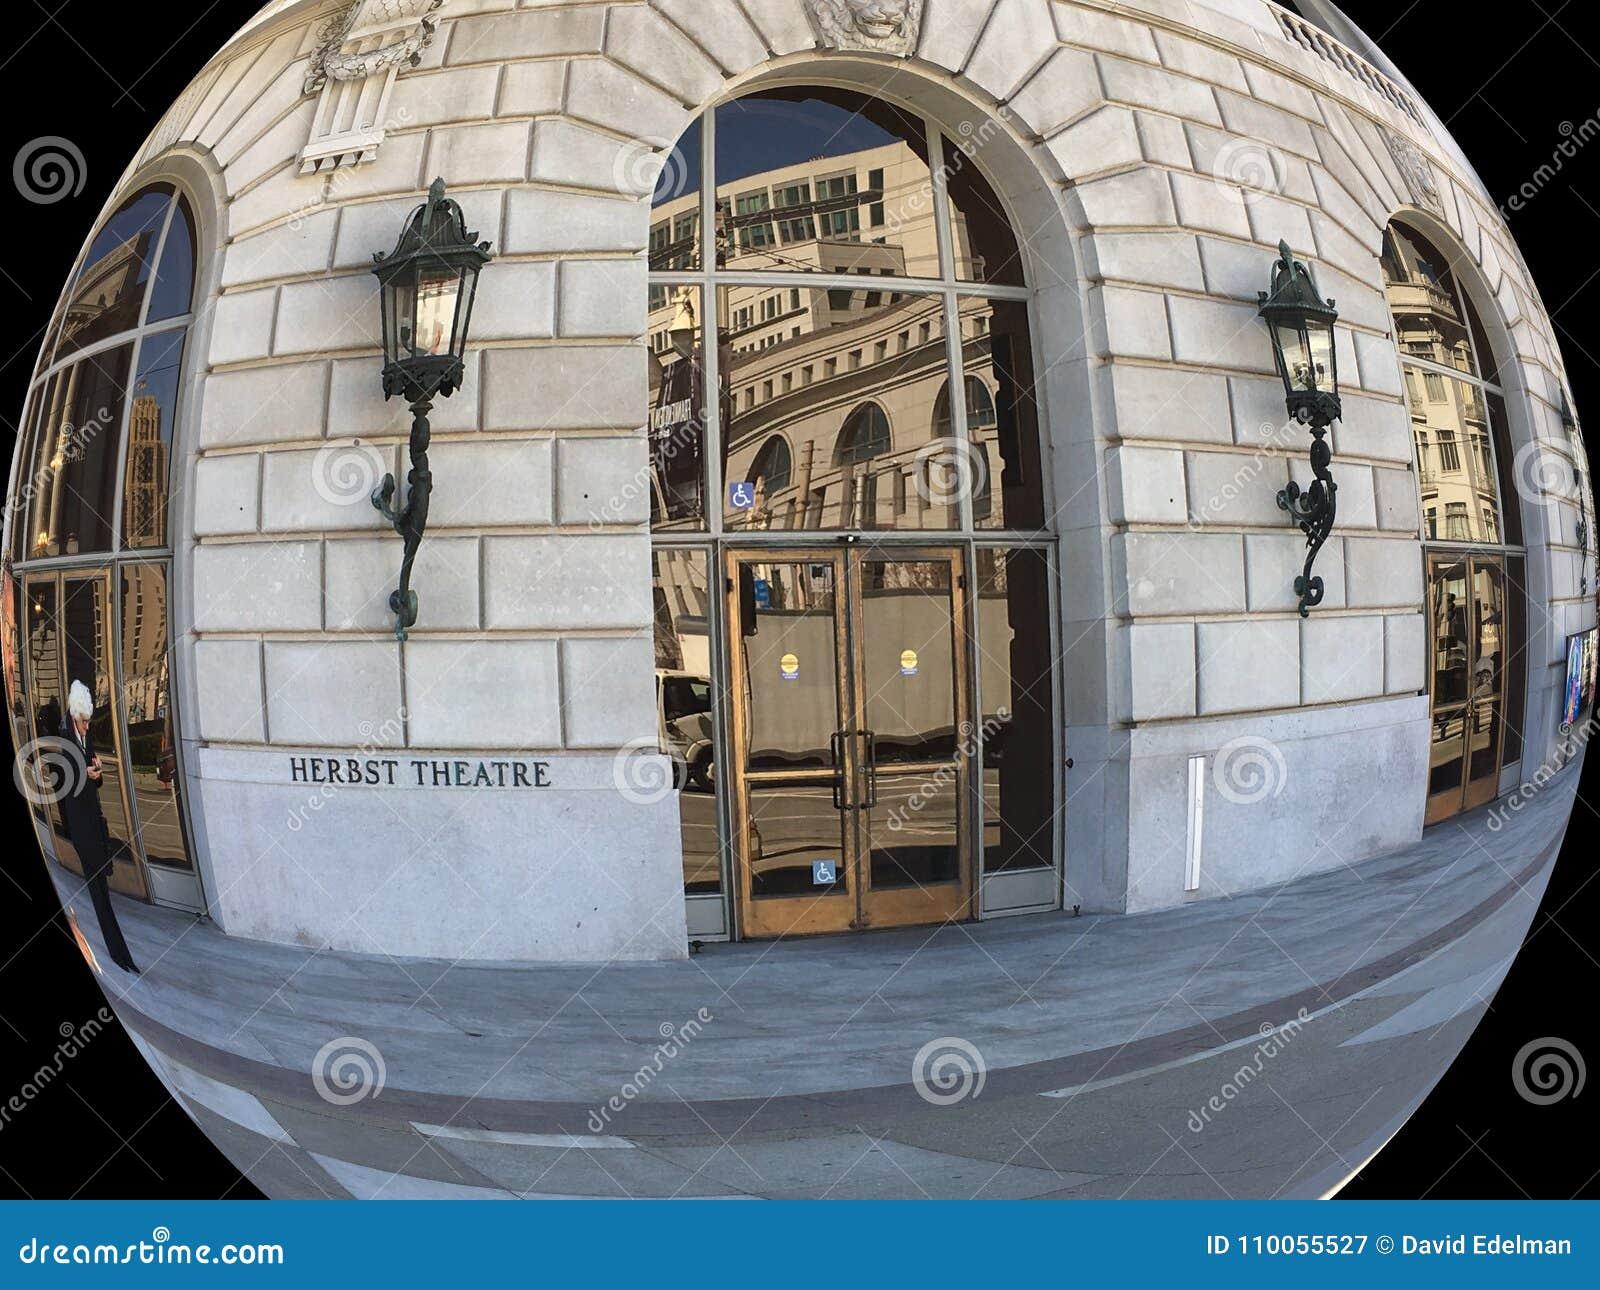 San Francisco War Memorial, errichtende Veterane, Herbst-Theater, 3